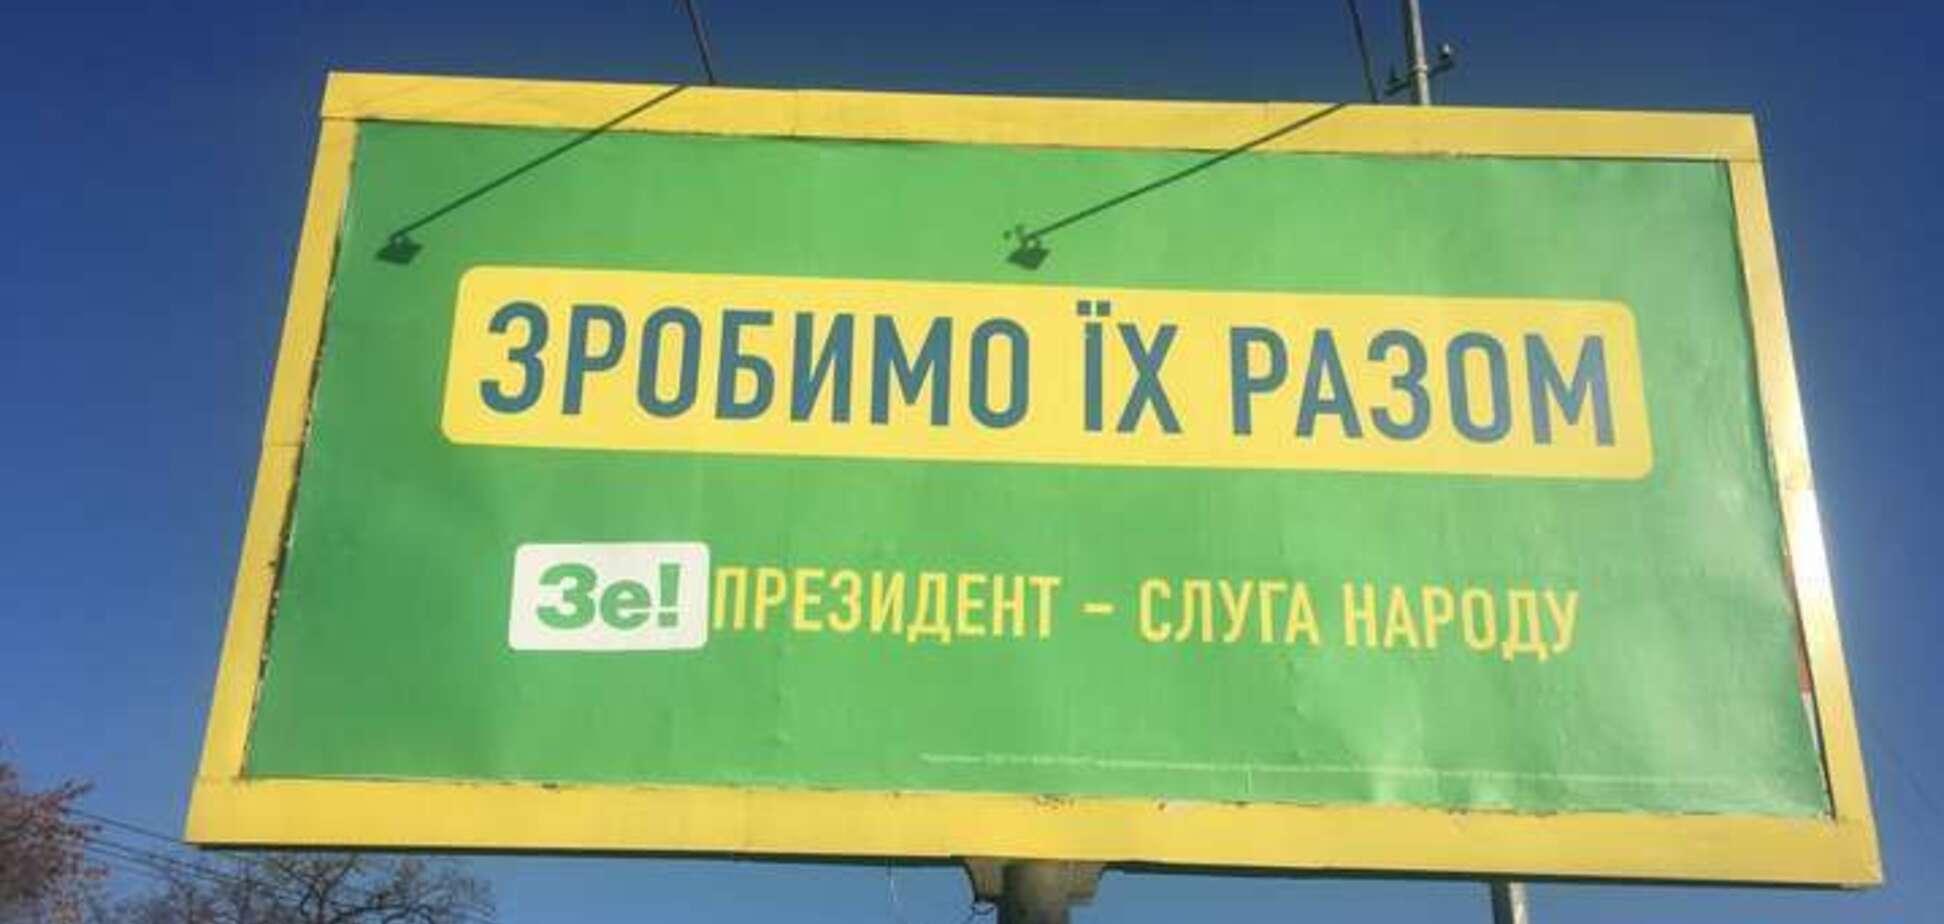 Украинцы прозрели и кричат, что их обманули